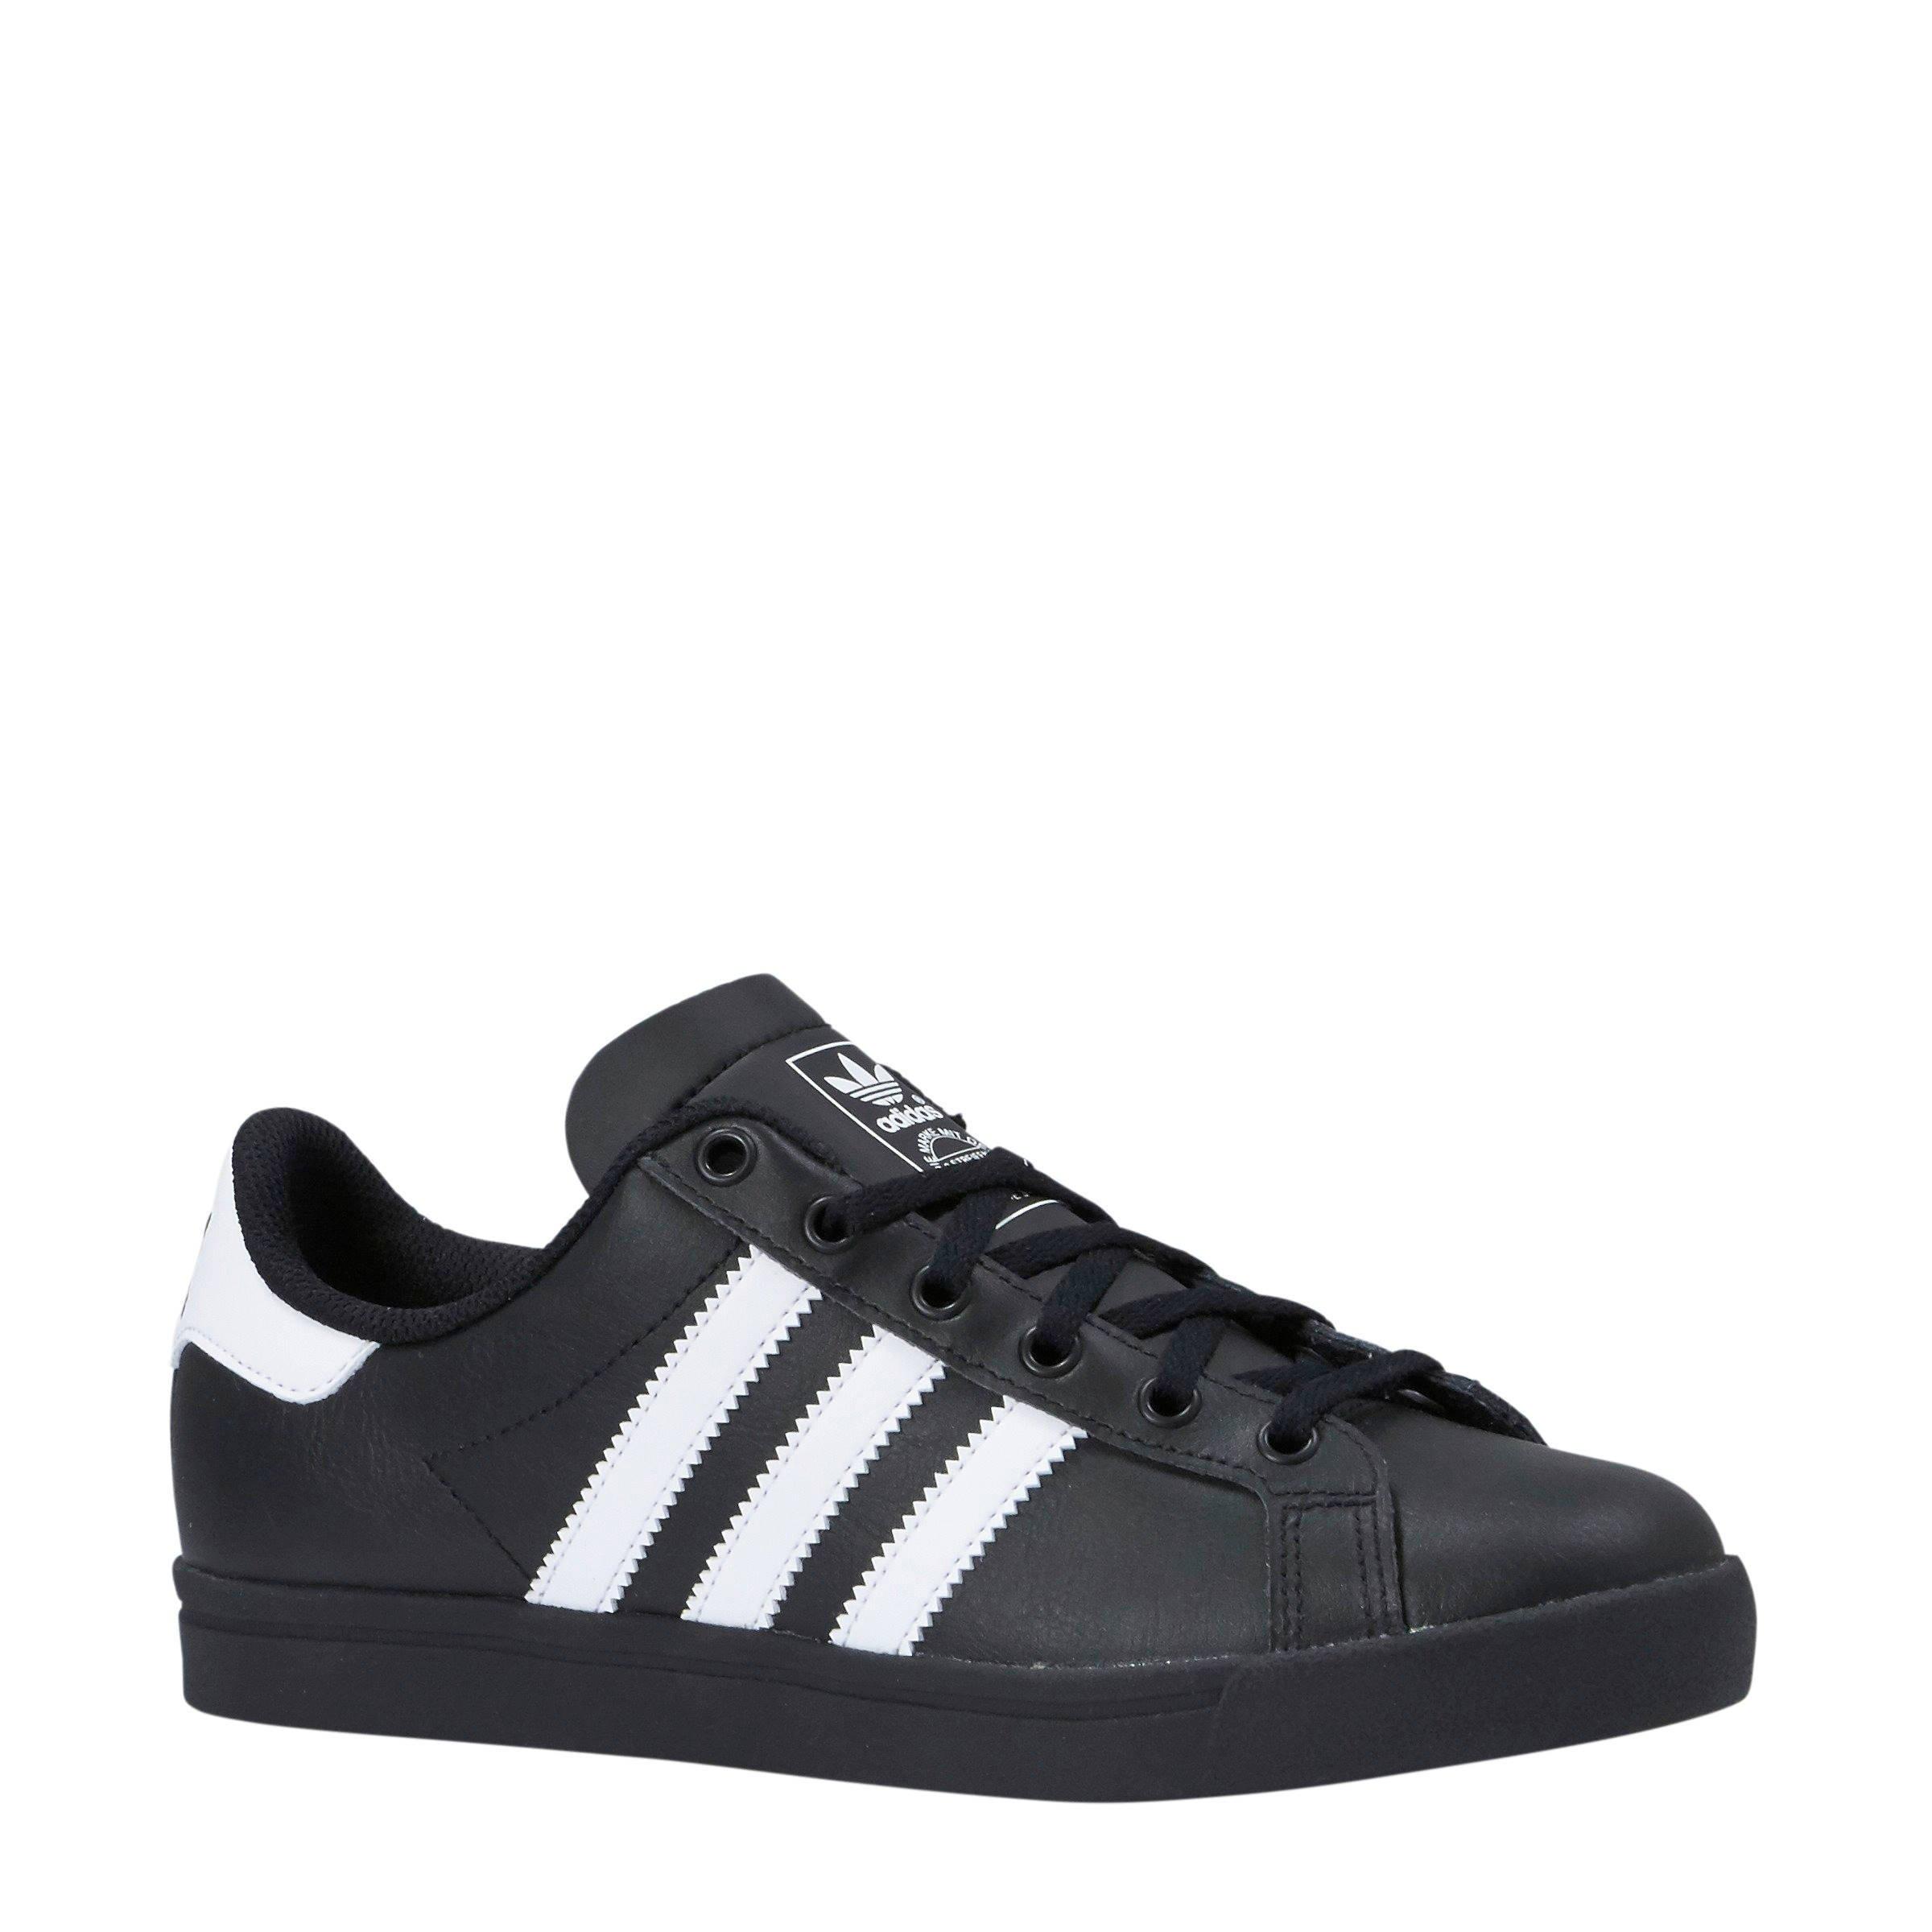 originals Coast Star J sneakers witzwart